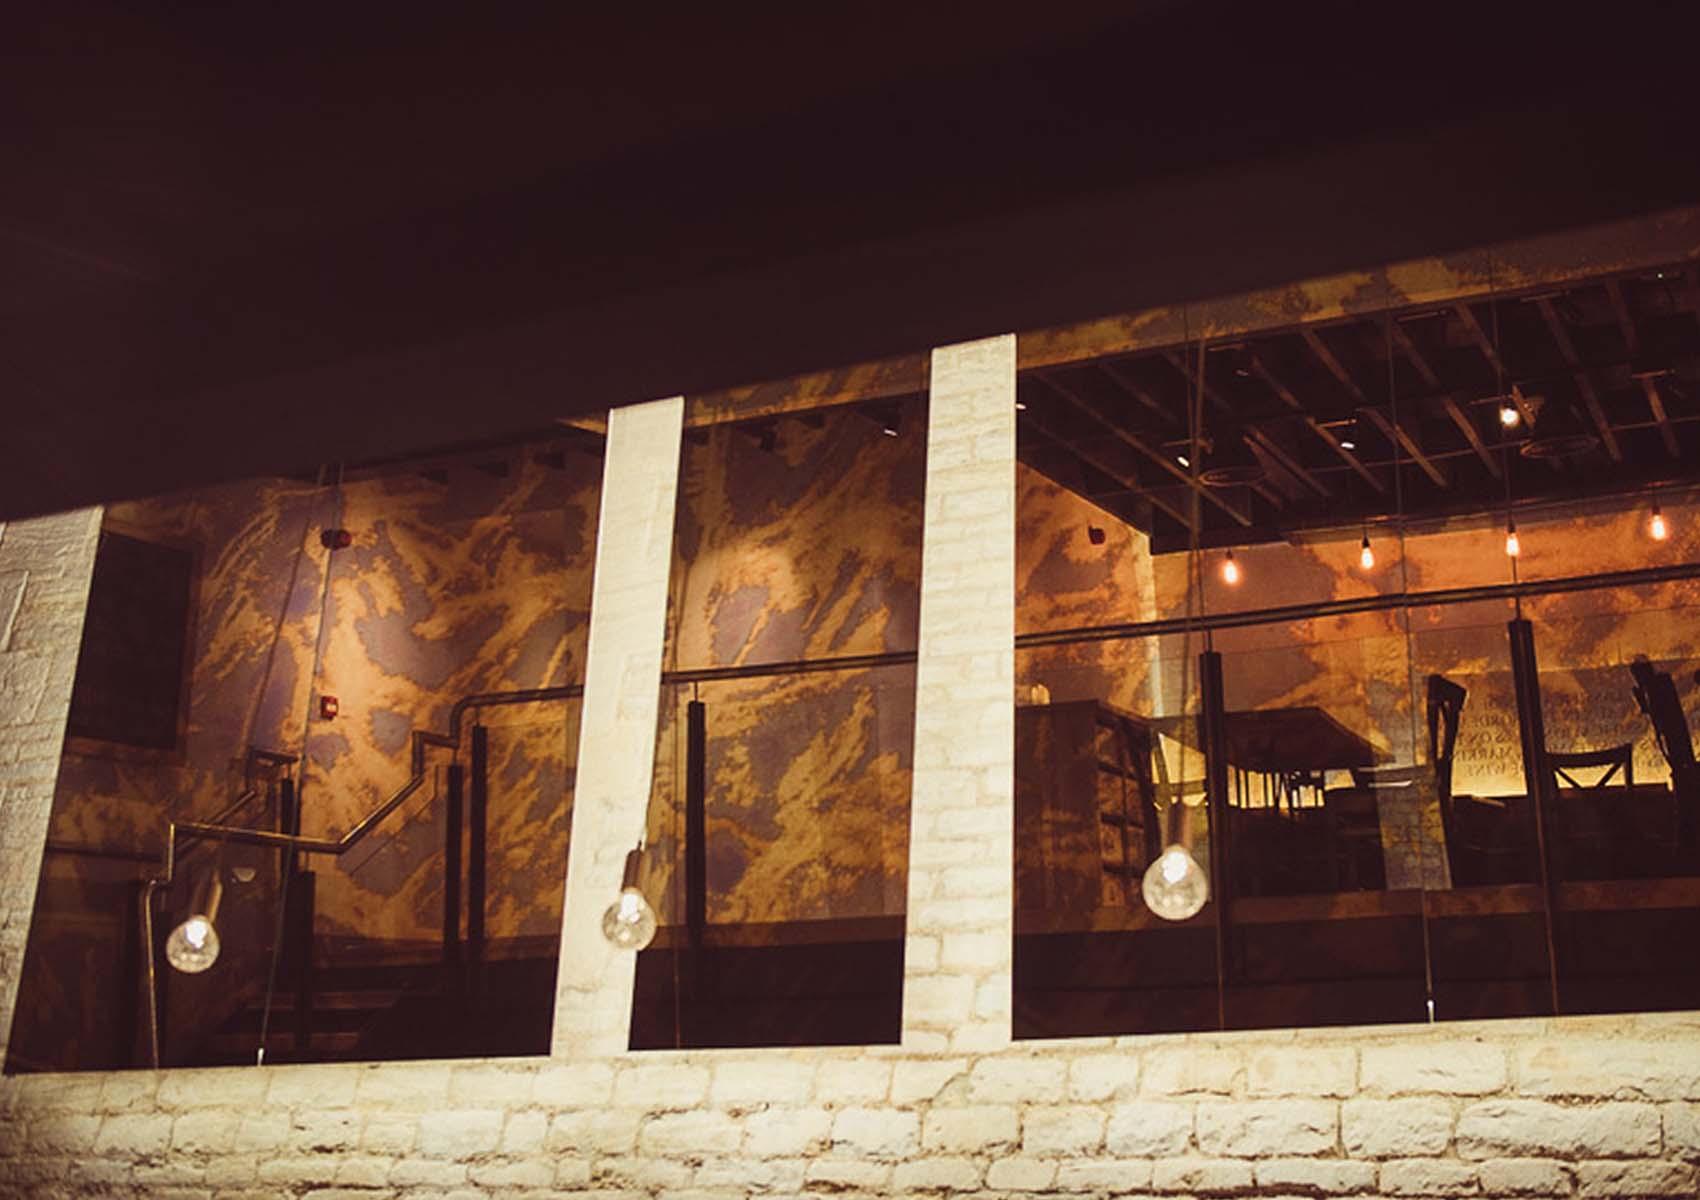 Triptych design in a restaurant